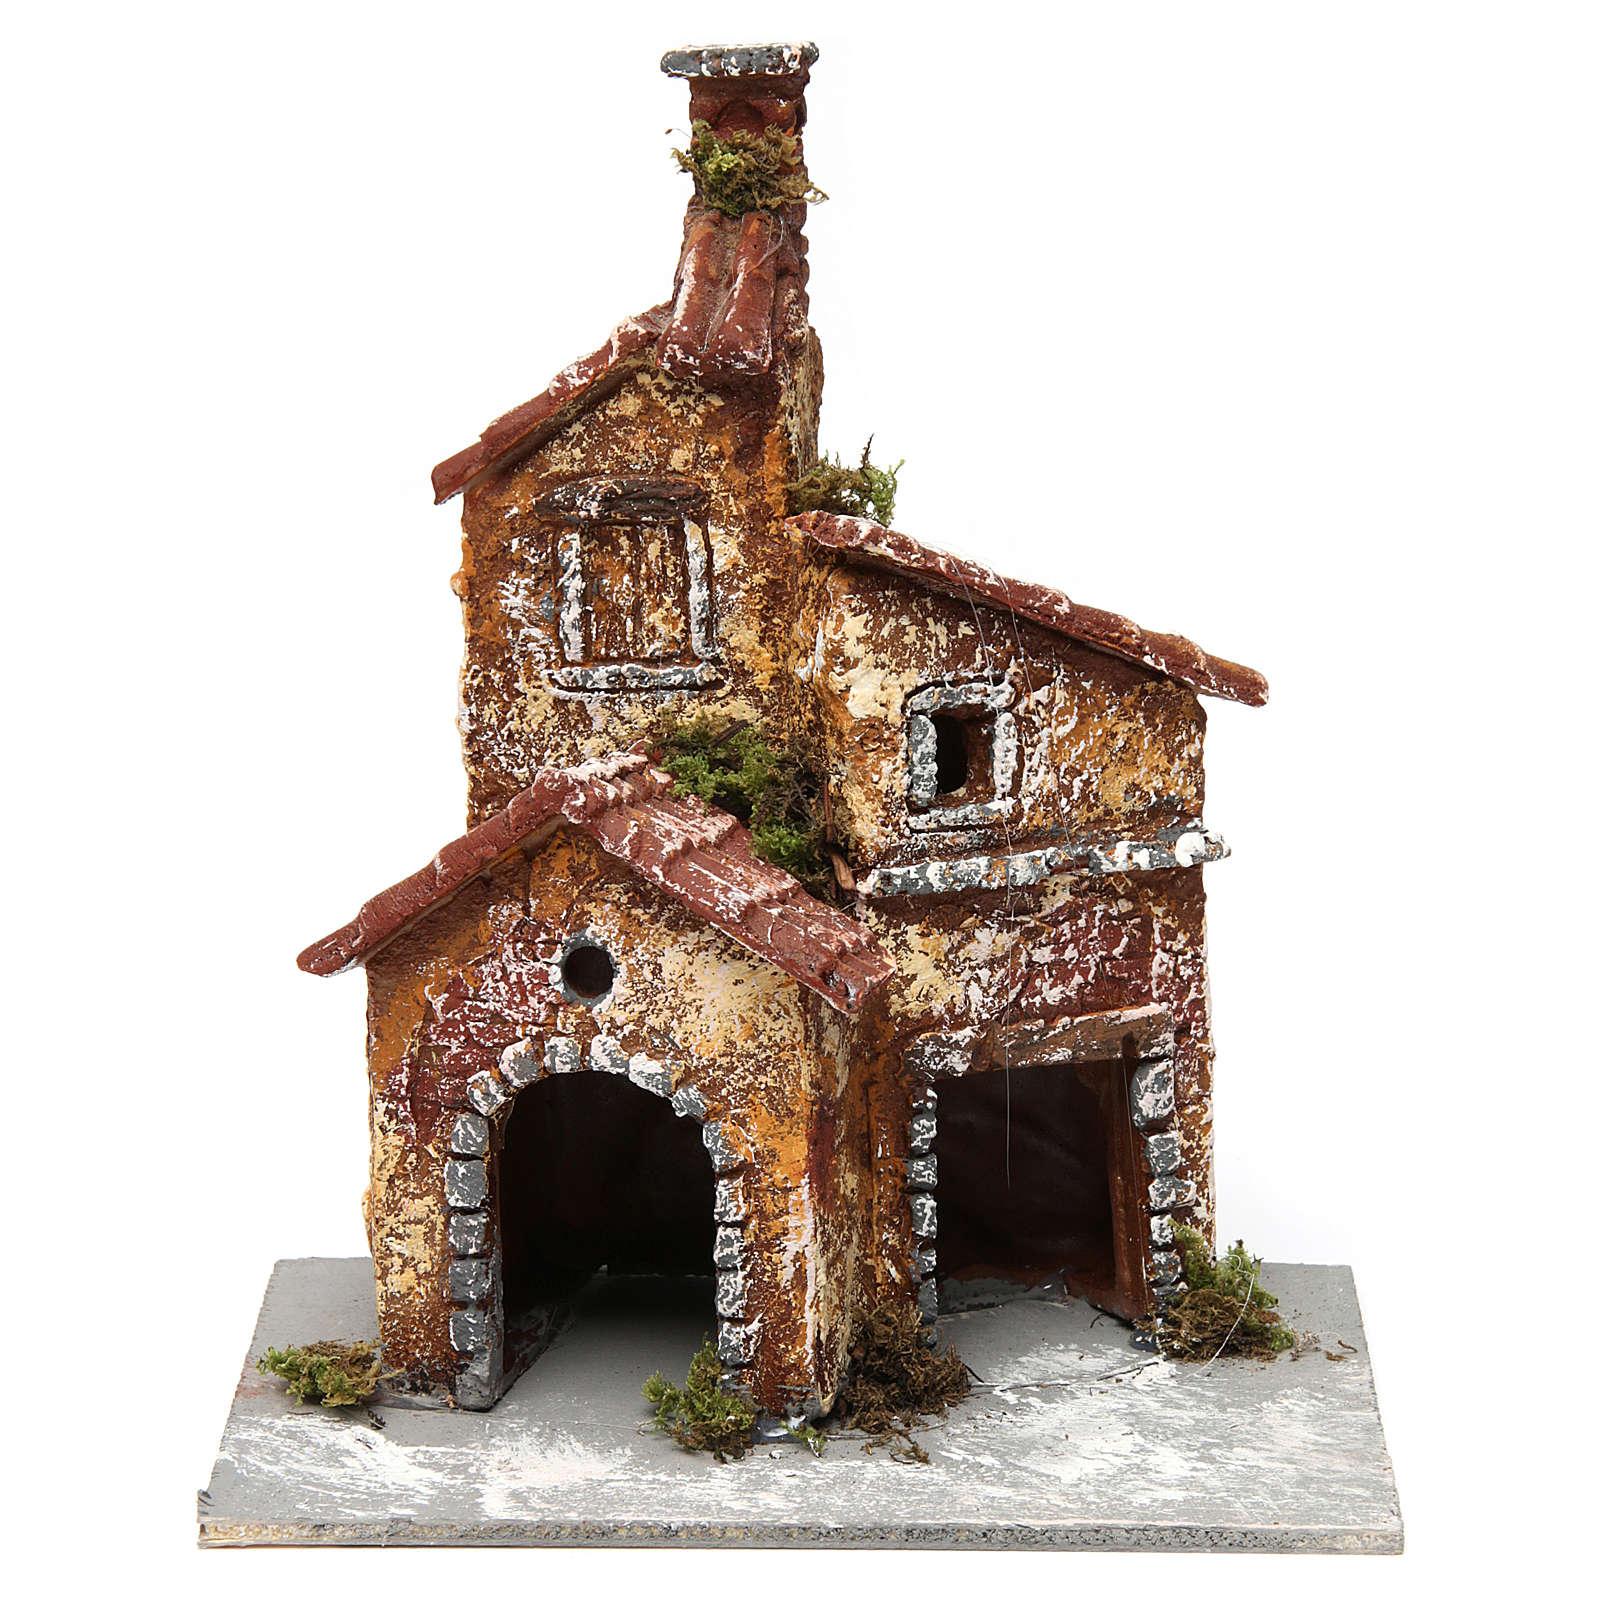 Estructura con tre edificios casitas 20x15x15 cm de resina sobre base madera belén napolitano 4